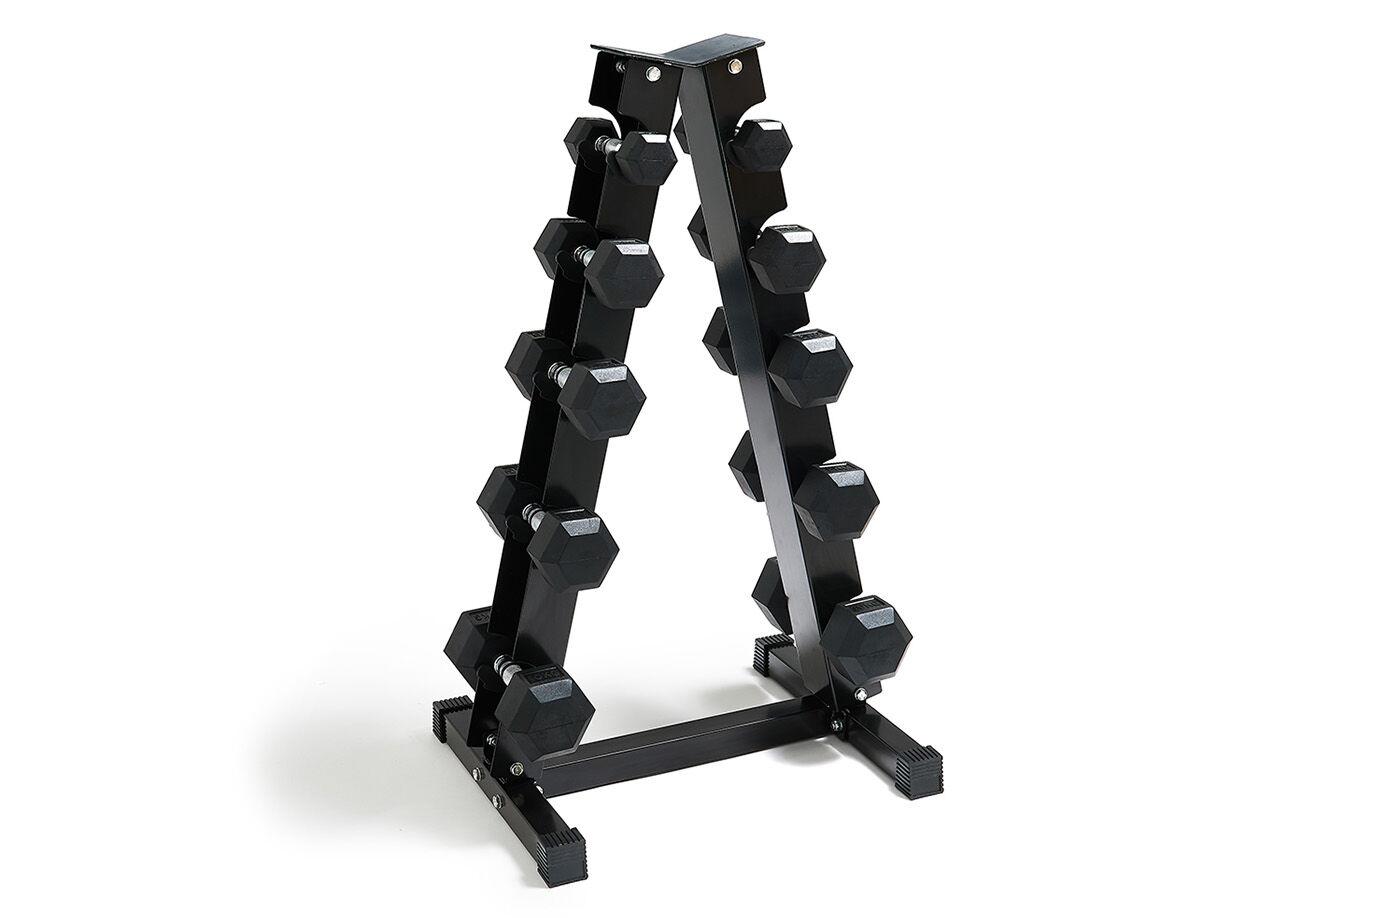 Dumbbell Rack from JTX Fitness